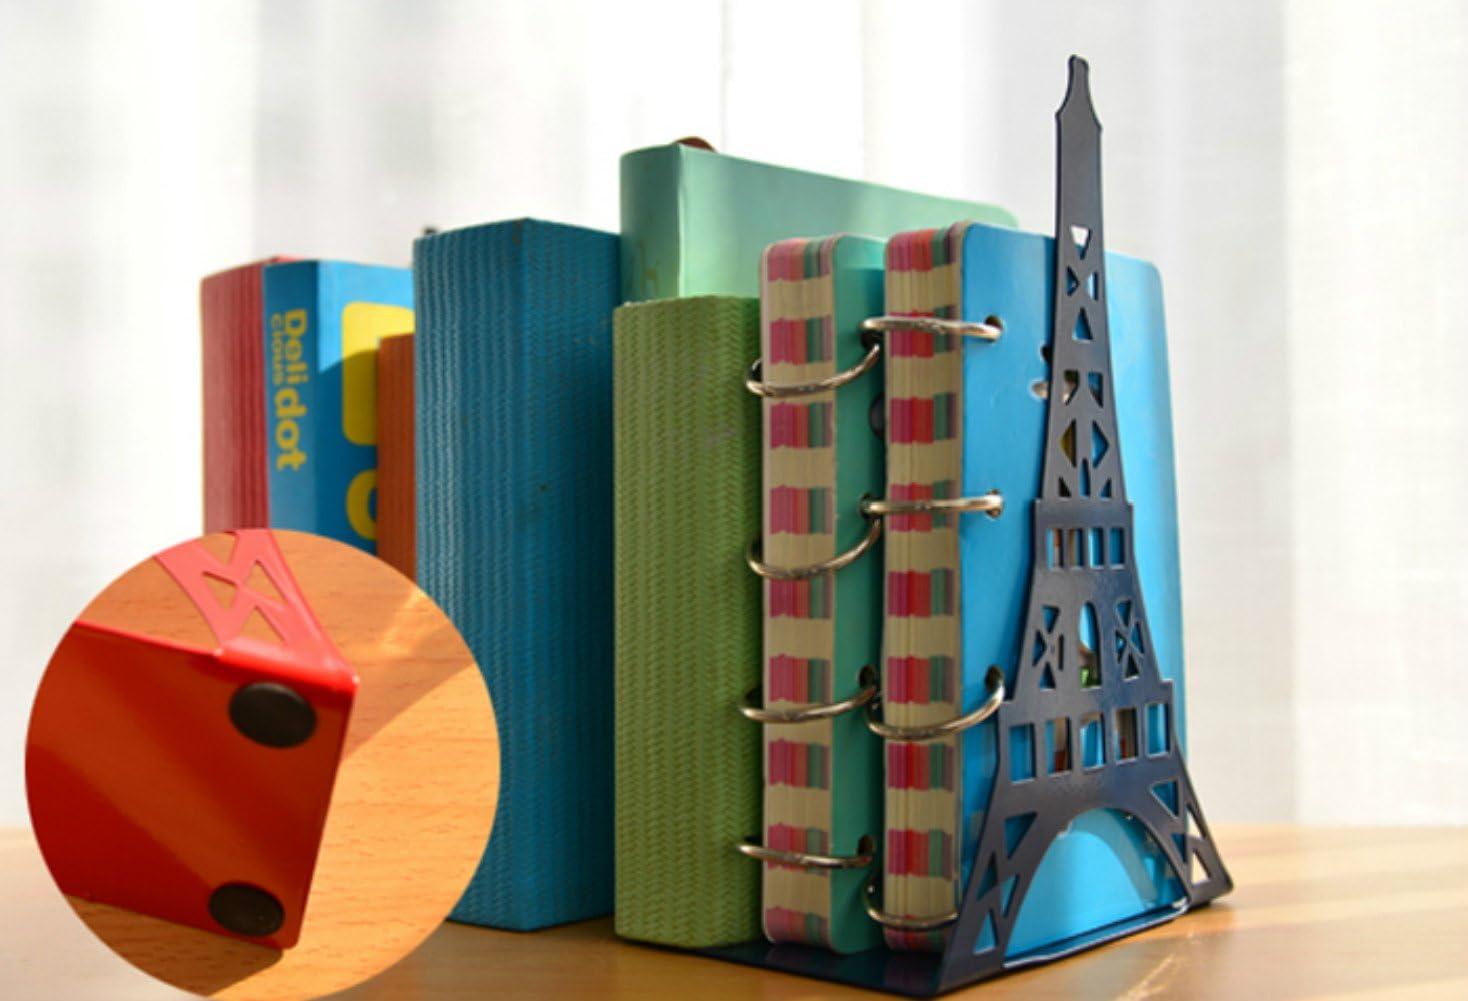 Noir Serre-livres 2/pcs//Paire Mode Motif Tour Eiffel Biblioth/èque Grande Serre-livres en m/étal support de bureau support pour livres Organiseur Cadeau Fournitures de bureau